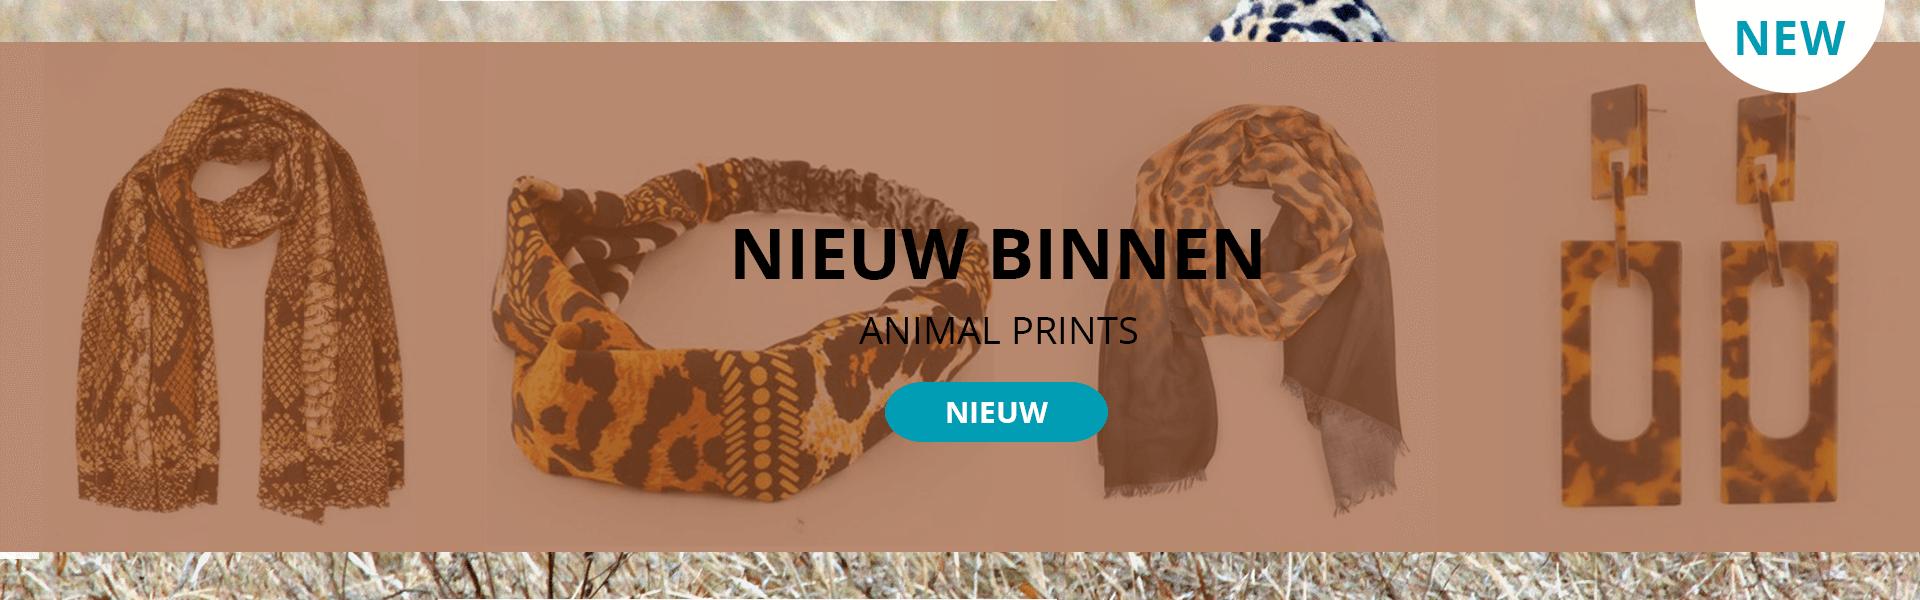 Mode Accessoires & Sieraden Groothandel - Tassen Sjaals & Bijoux banner 3